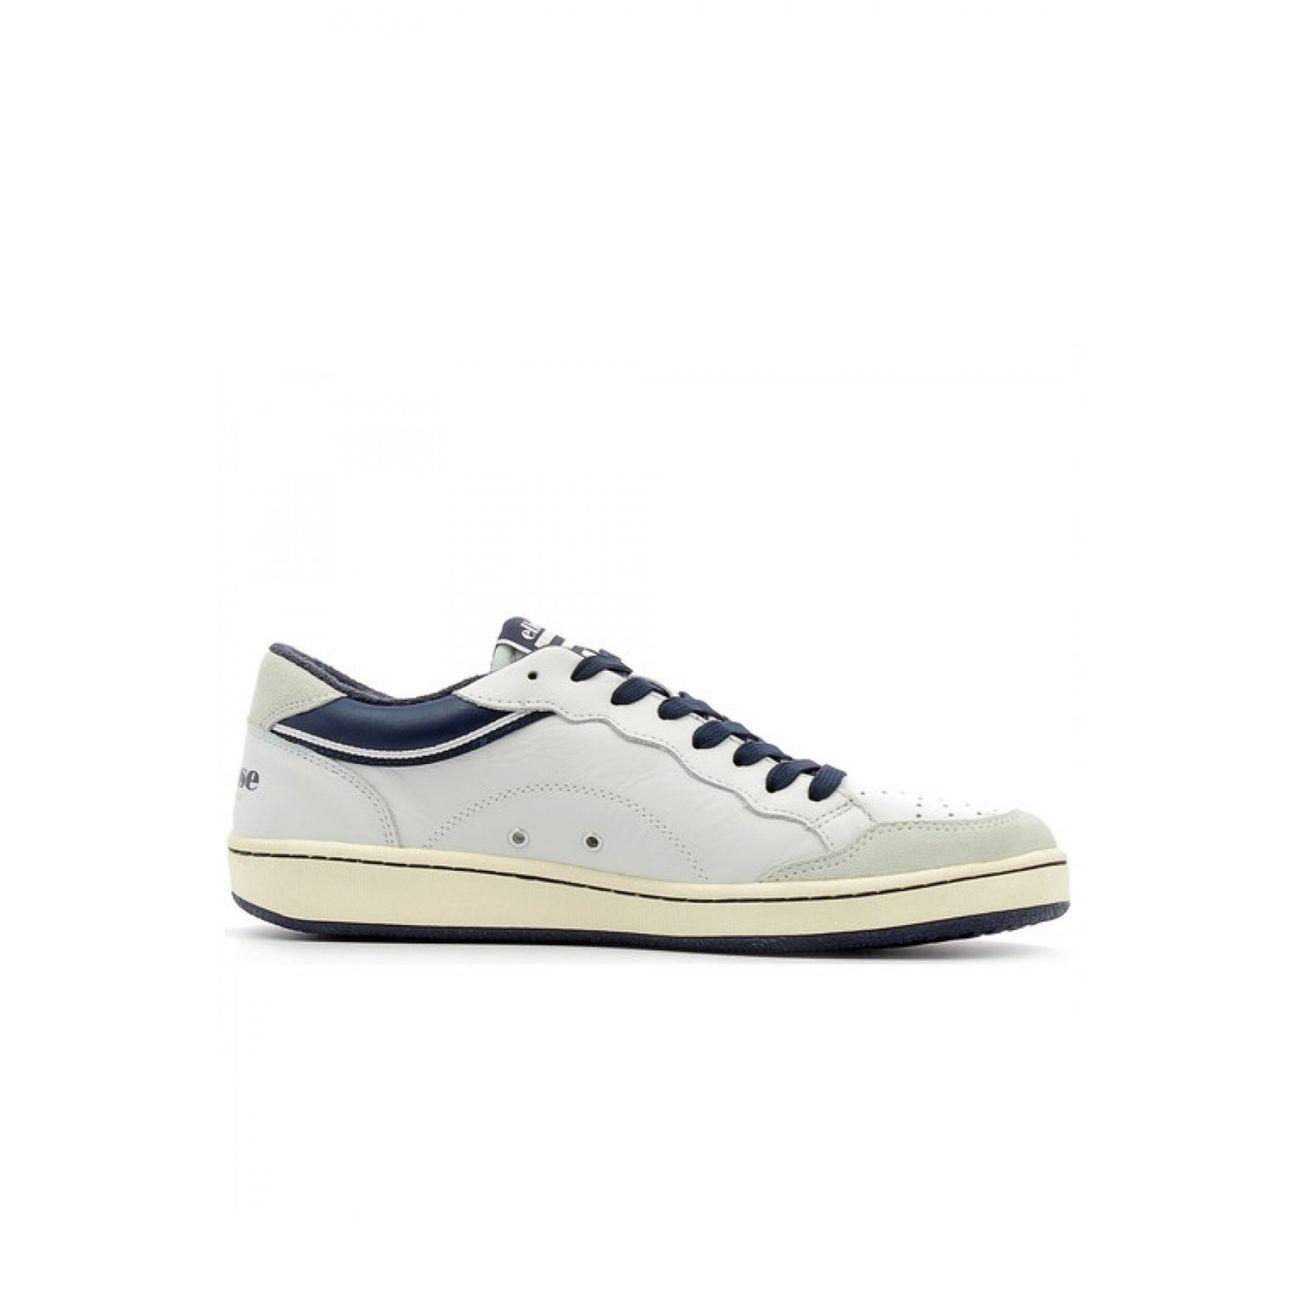 homme ELLESSE Sneakers cuir logo brodé  -  Ellesse - Homme